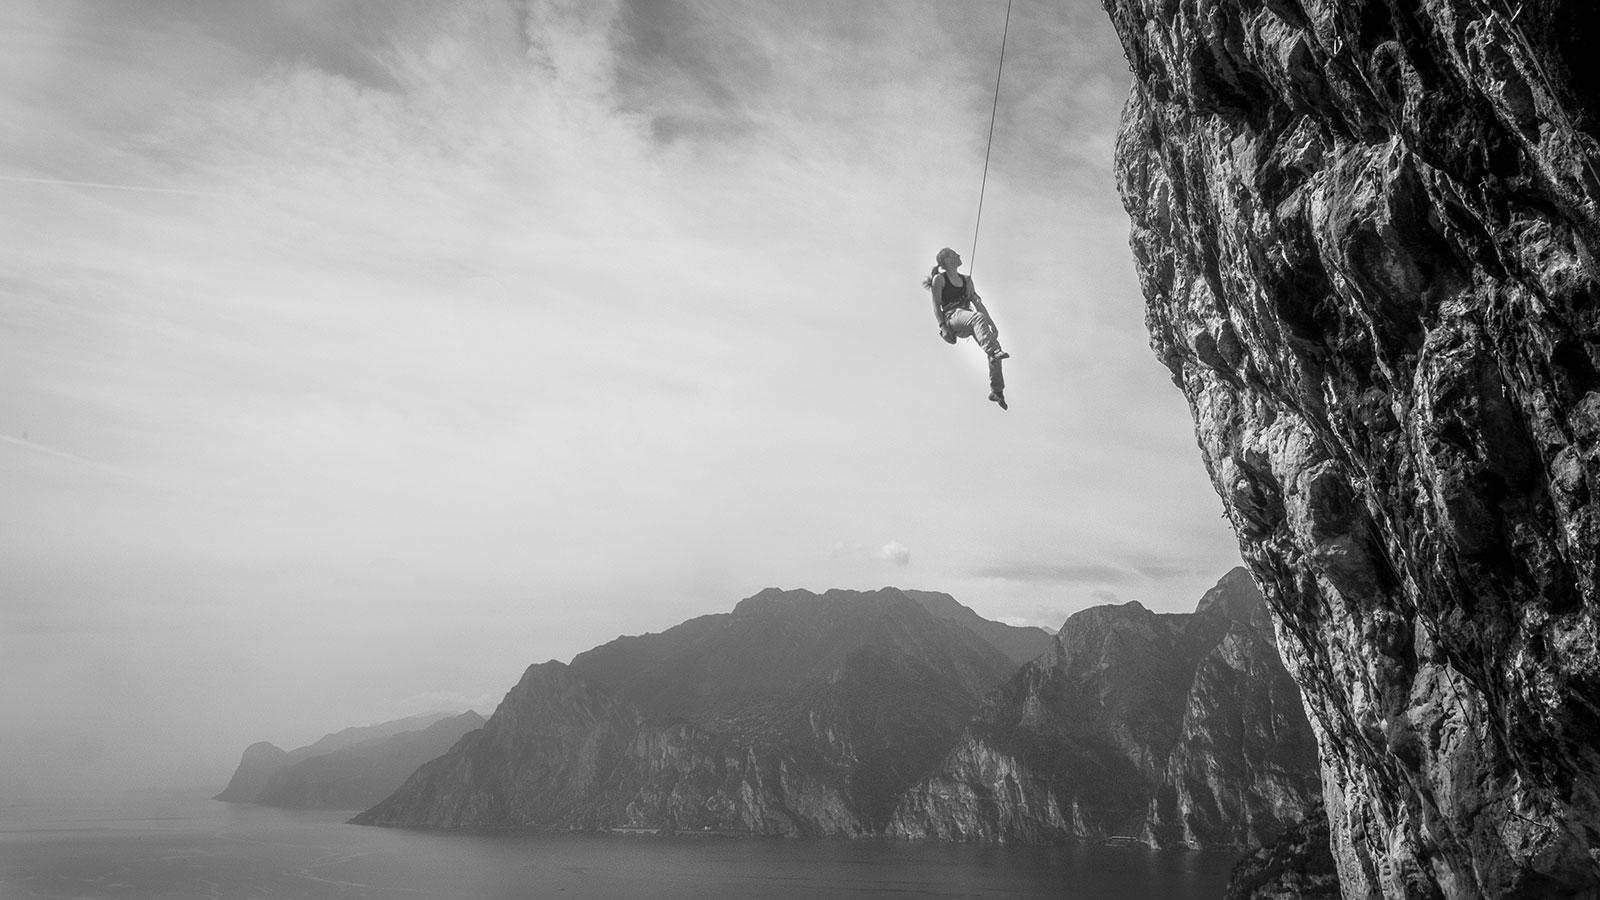 Entspannen. Klettern am Gardasee | Pauli Trenkwalder, Berge & Psychologie